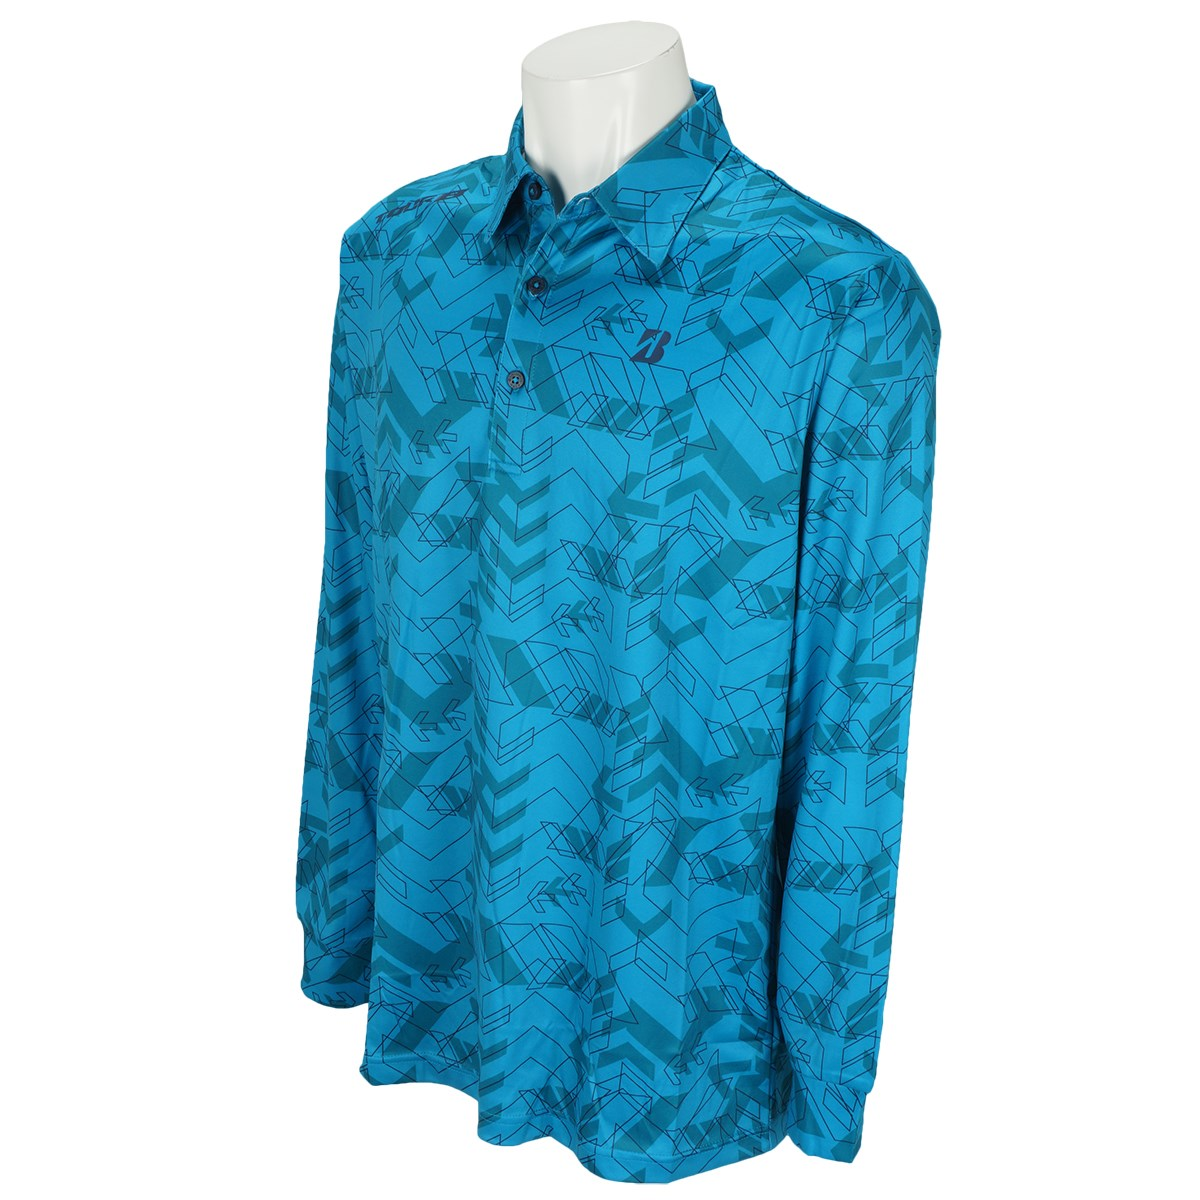 ブリヂストン(BRIDGESTONE GOLF) 長袖台付き共衿ポロシャツ